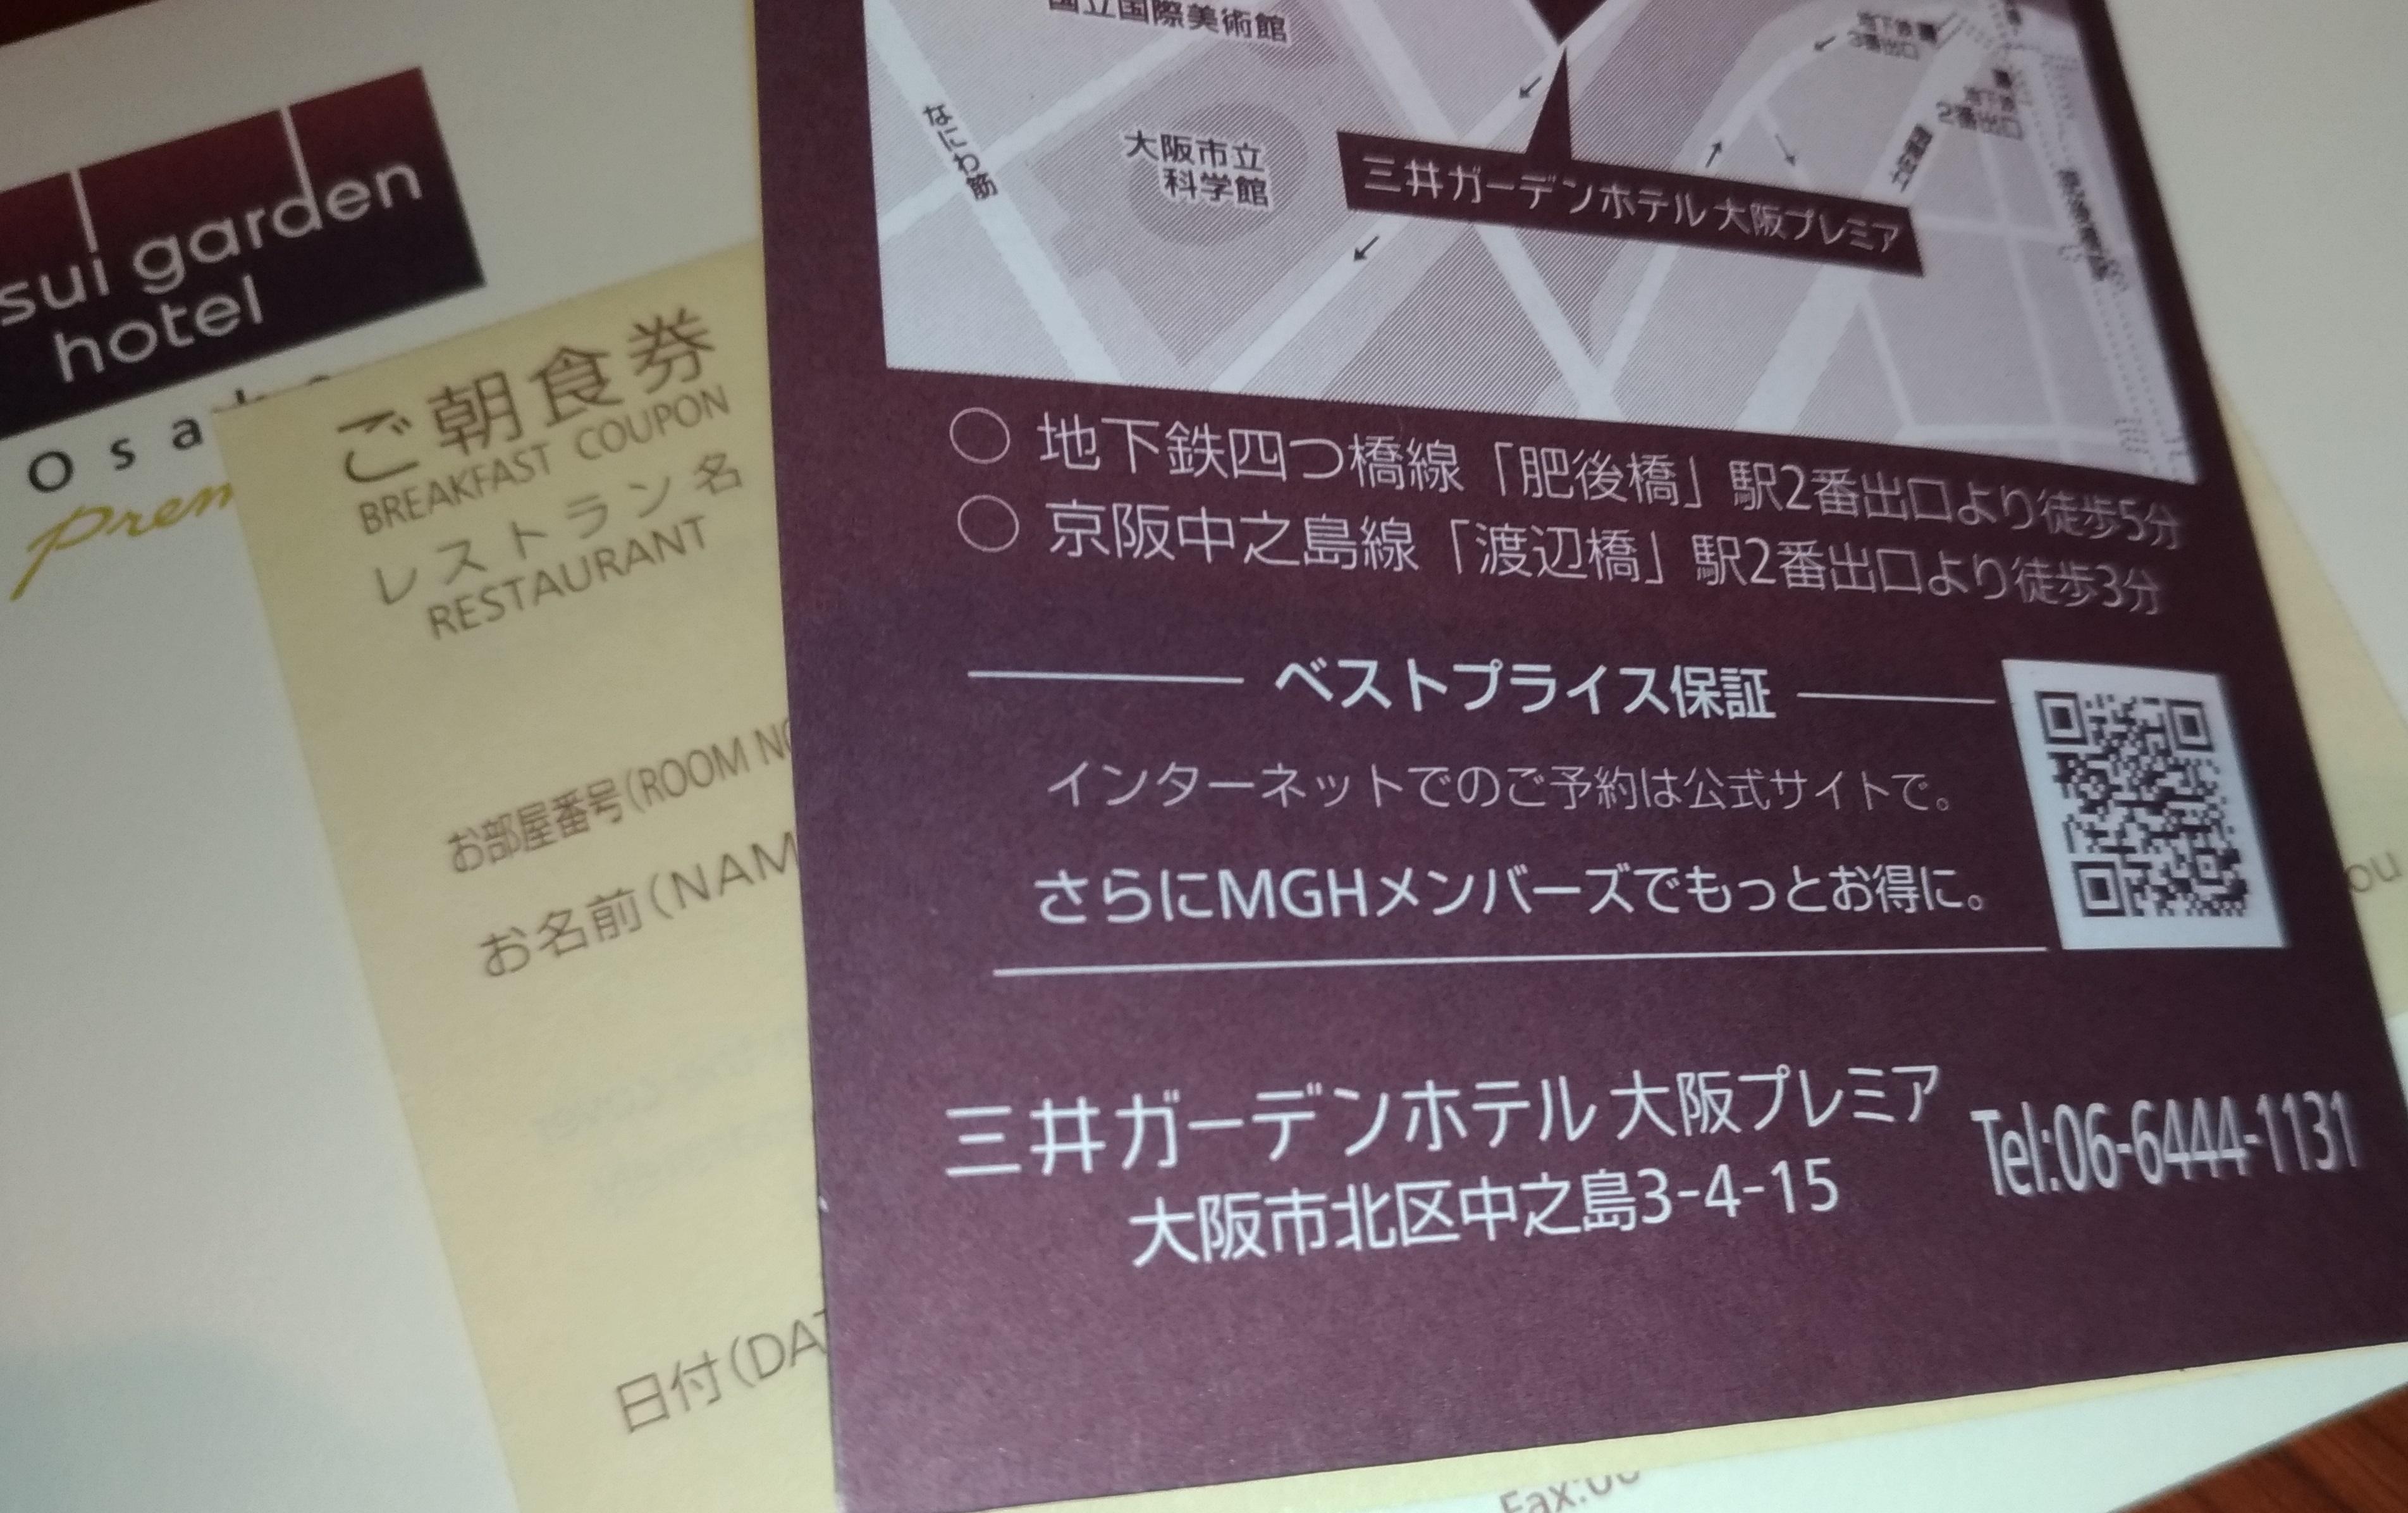 hotels_mitsui_garden_osaka_0911_1.jpg